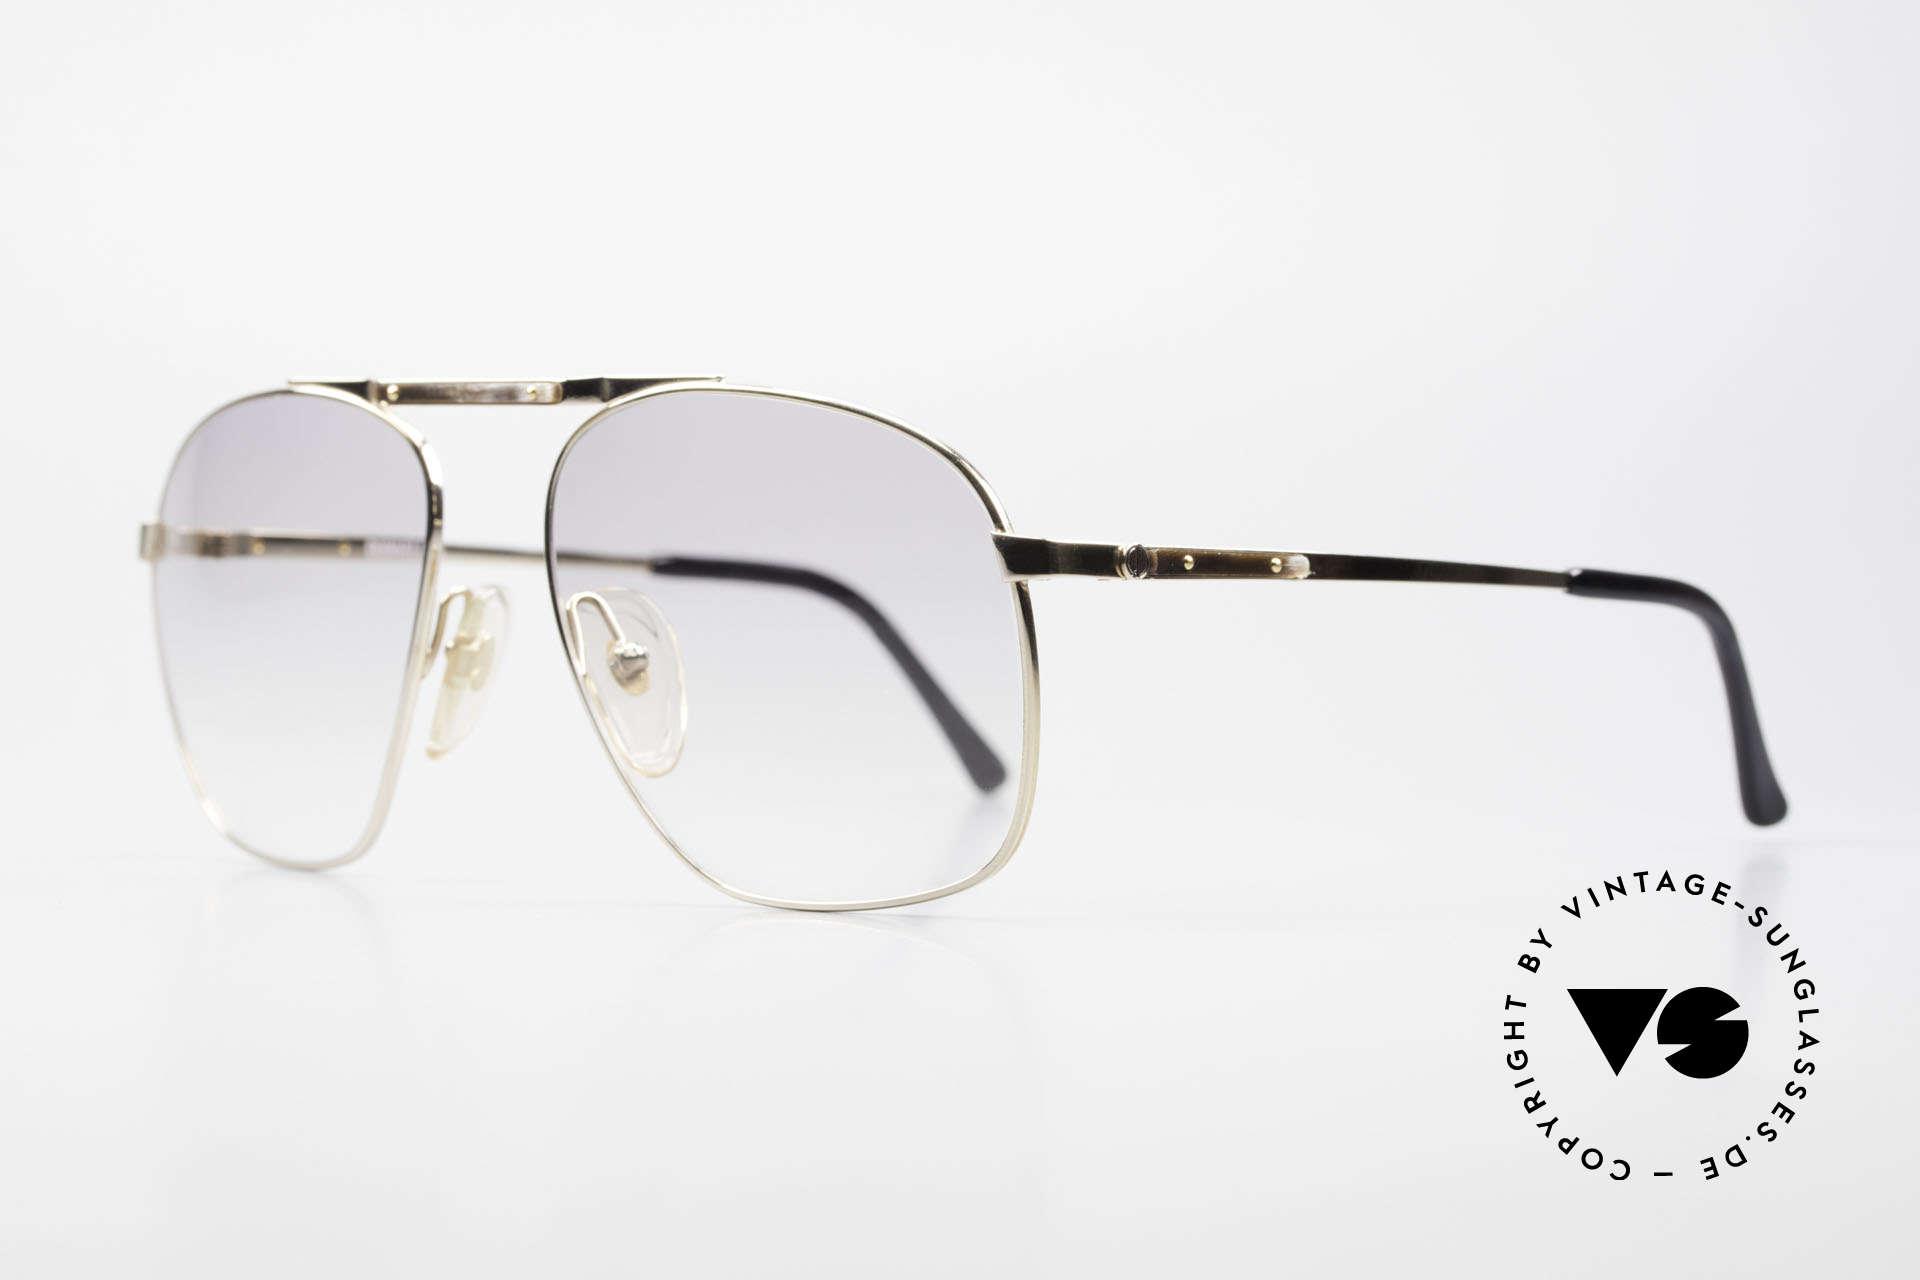 Dunhill 6046 80er Brille Horn-Applikationen, vergoldeter Rahmen mit dezenten HORN-Applikationen, Passend für Herren